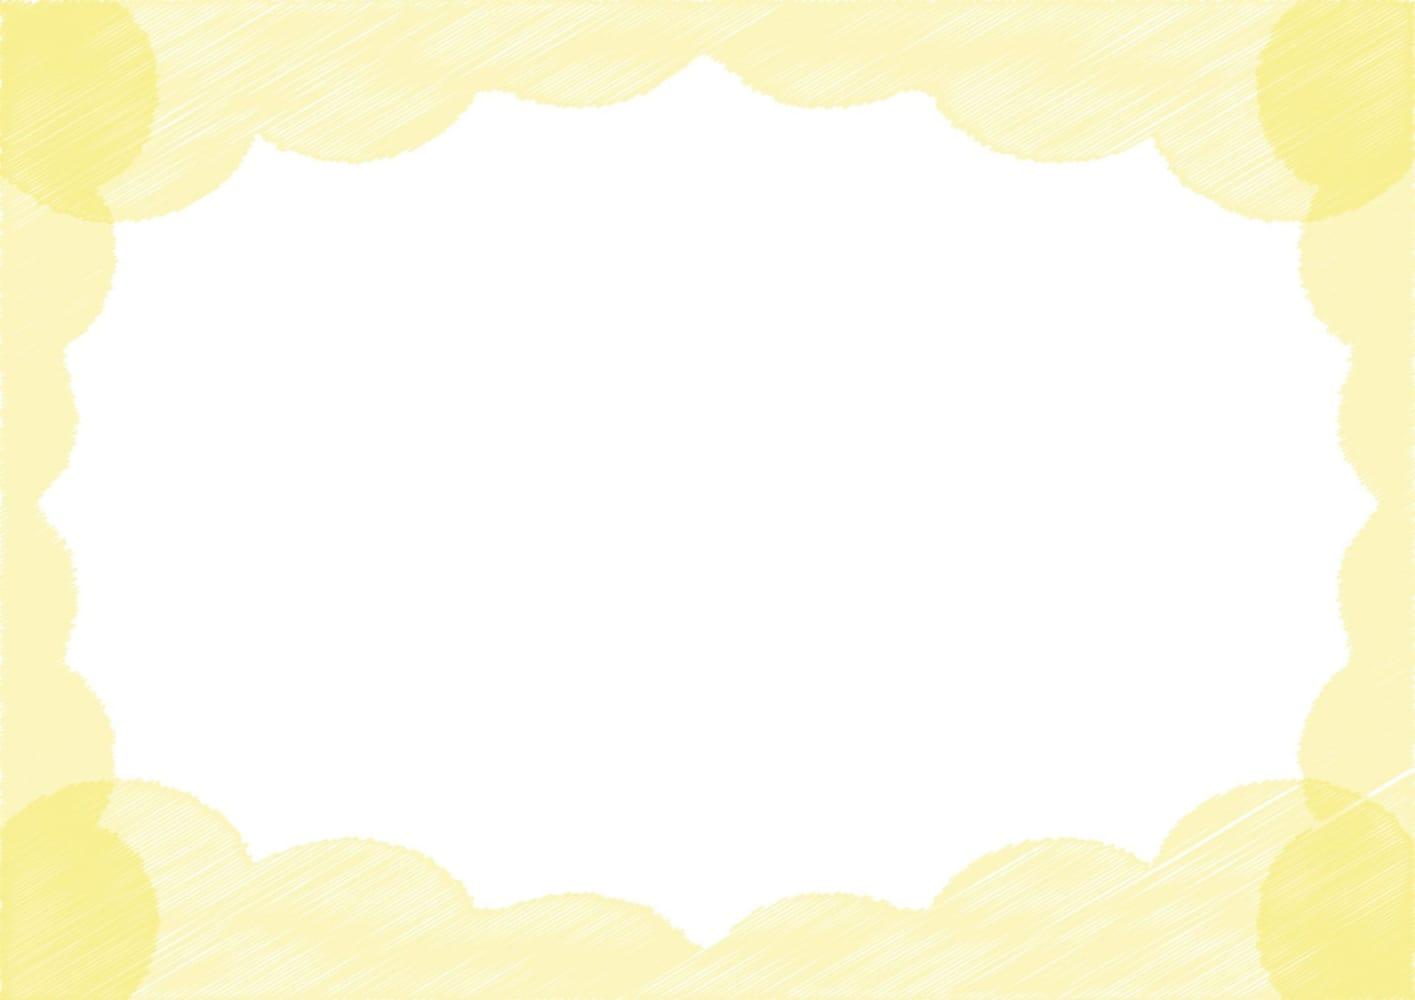 背景 雲 ラフ 黄色 イラスト 無料